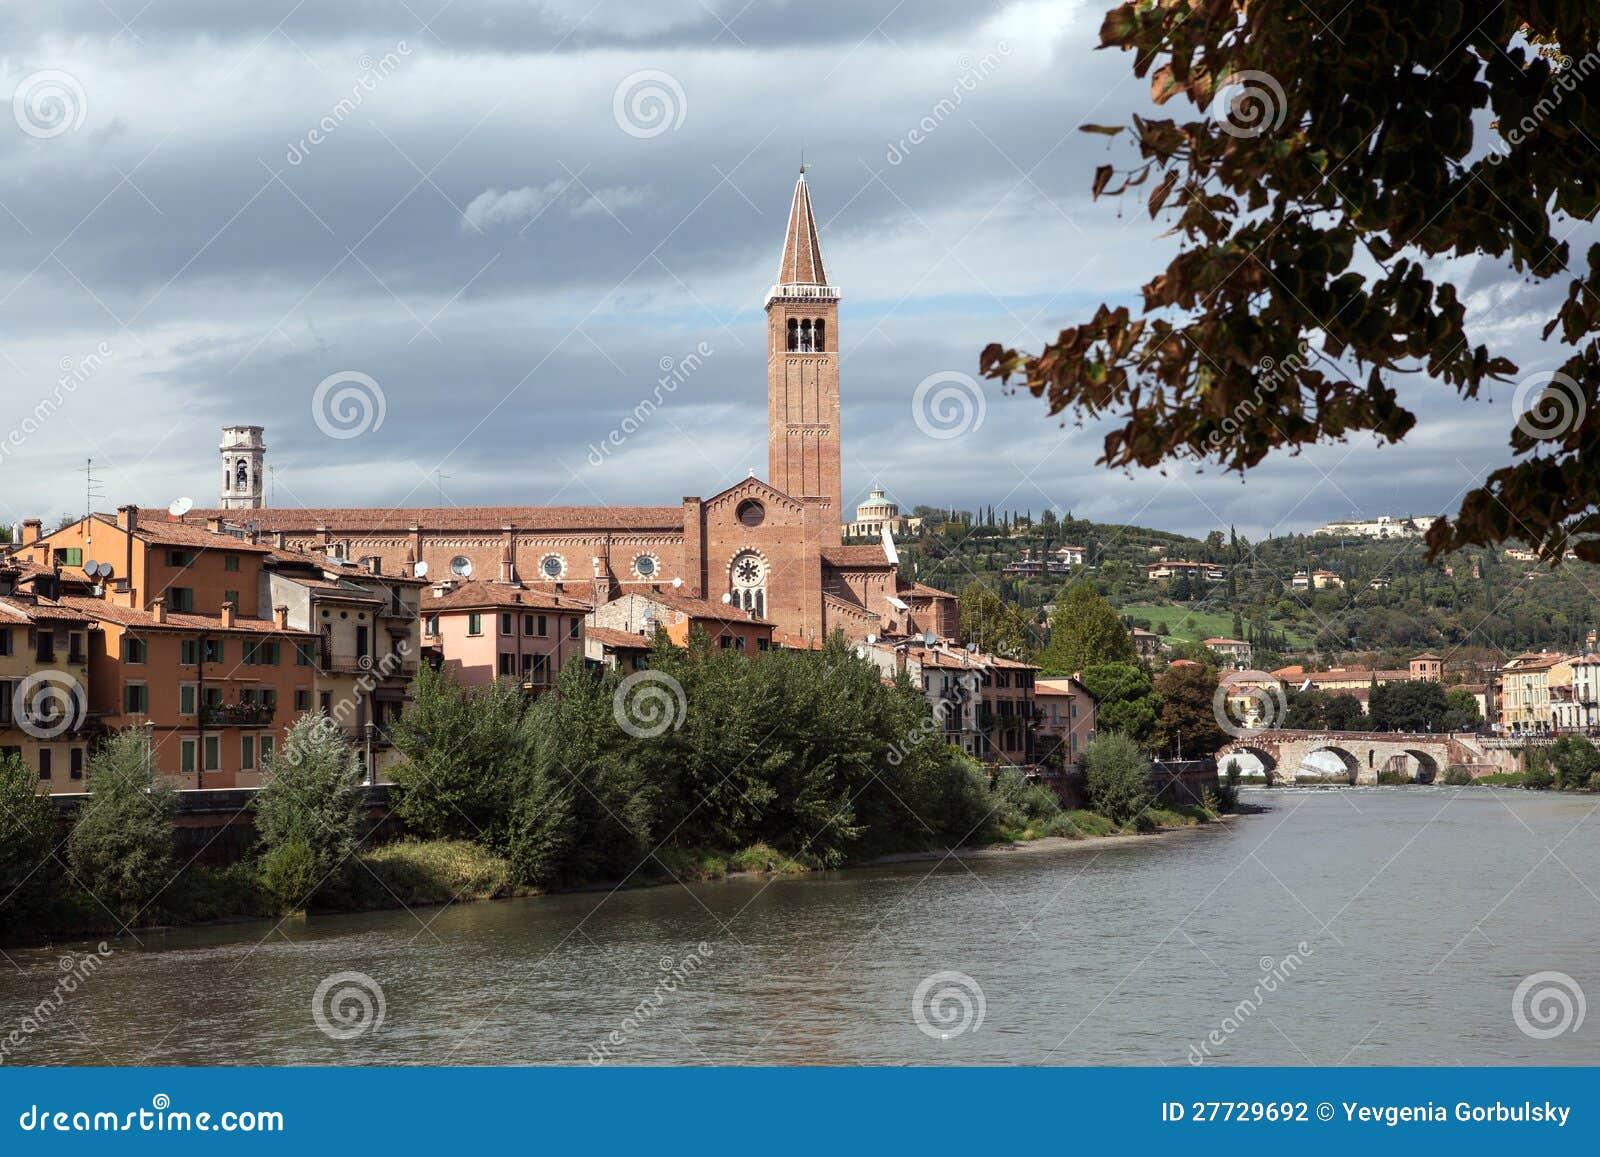 Ansicht zum Fluss in Verona